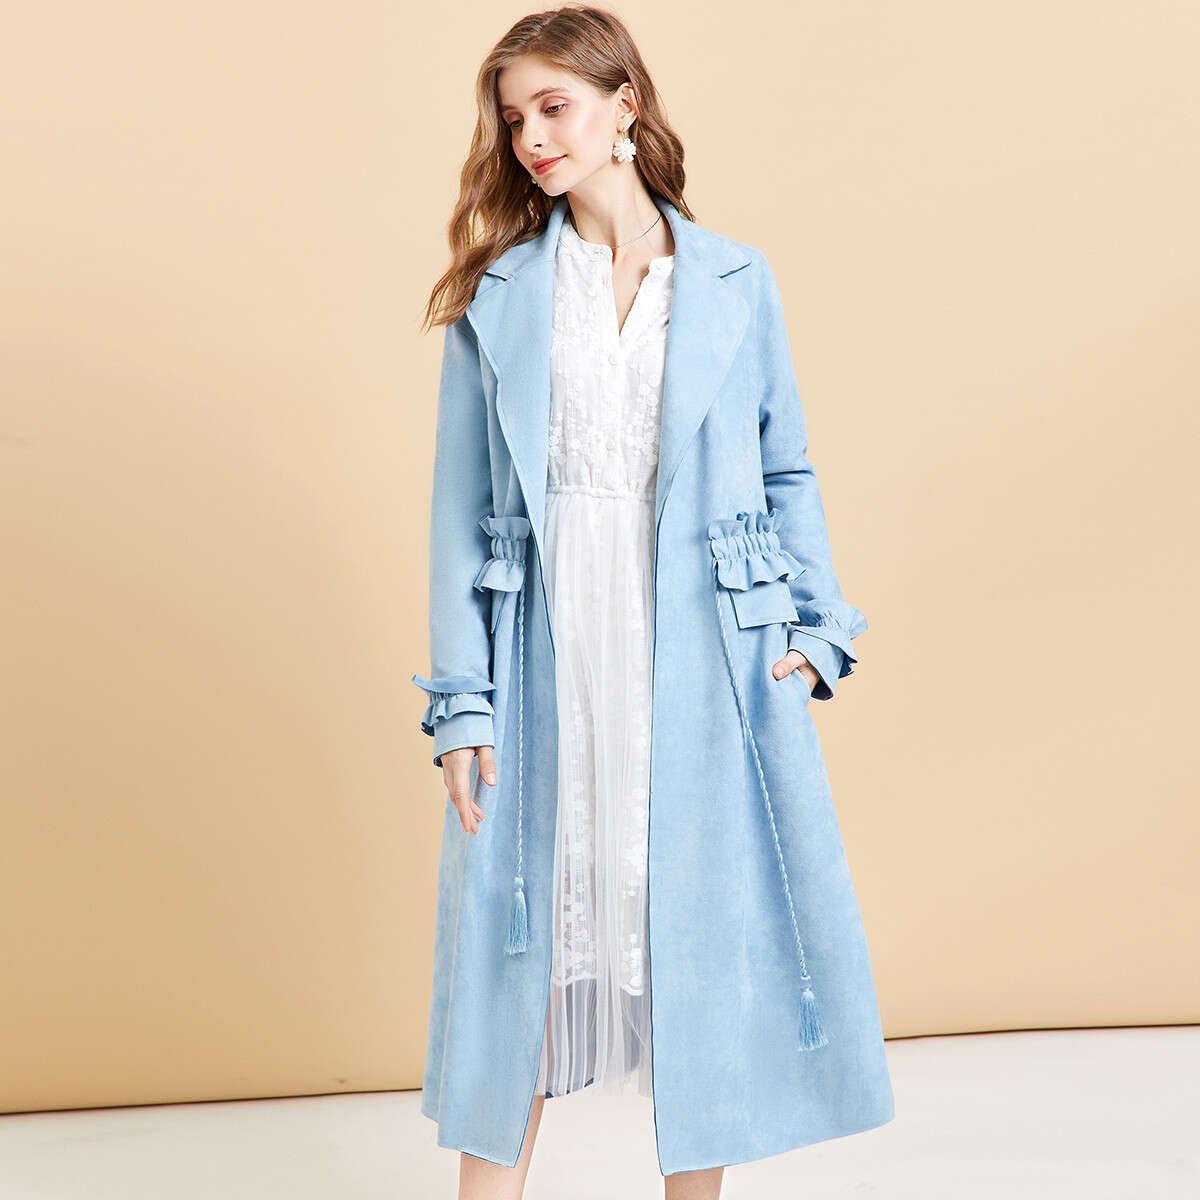 加盟广州戈蔓婷品牌女装让你不一样的时尚潮流感受